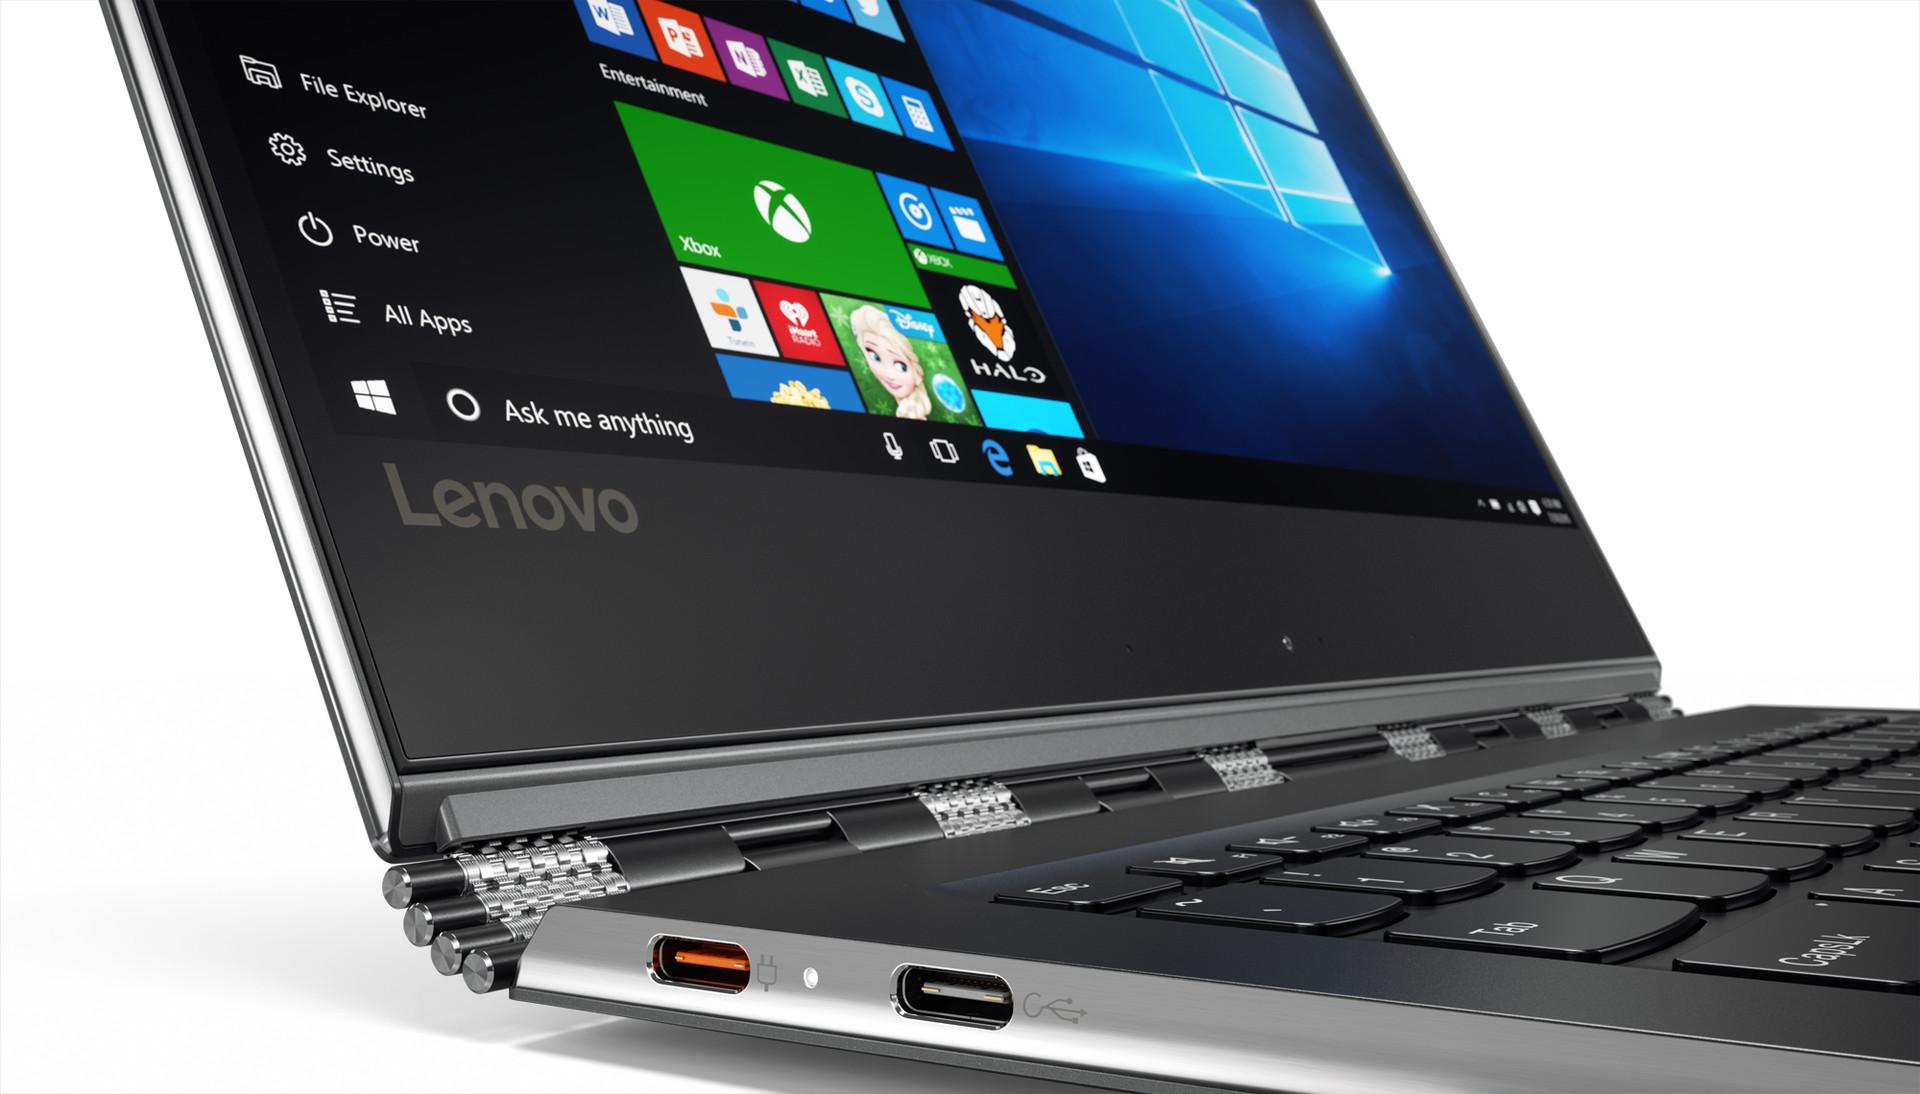 Lenovo Yoga 910 600 03 e